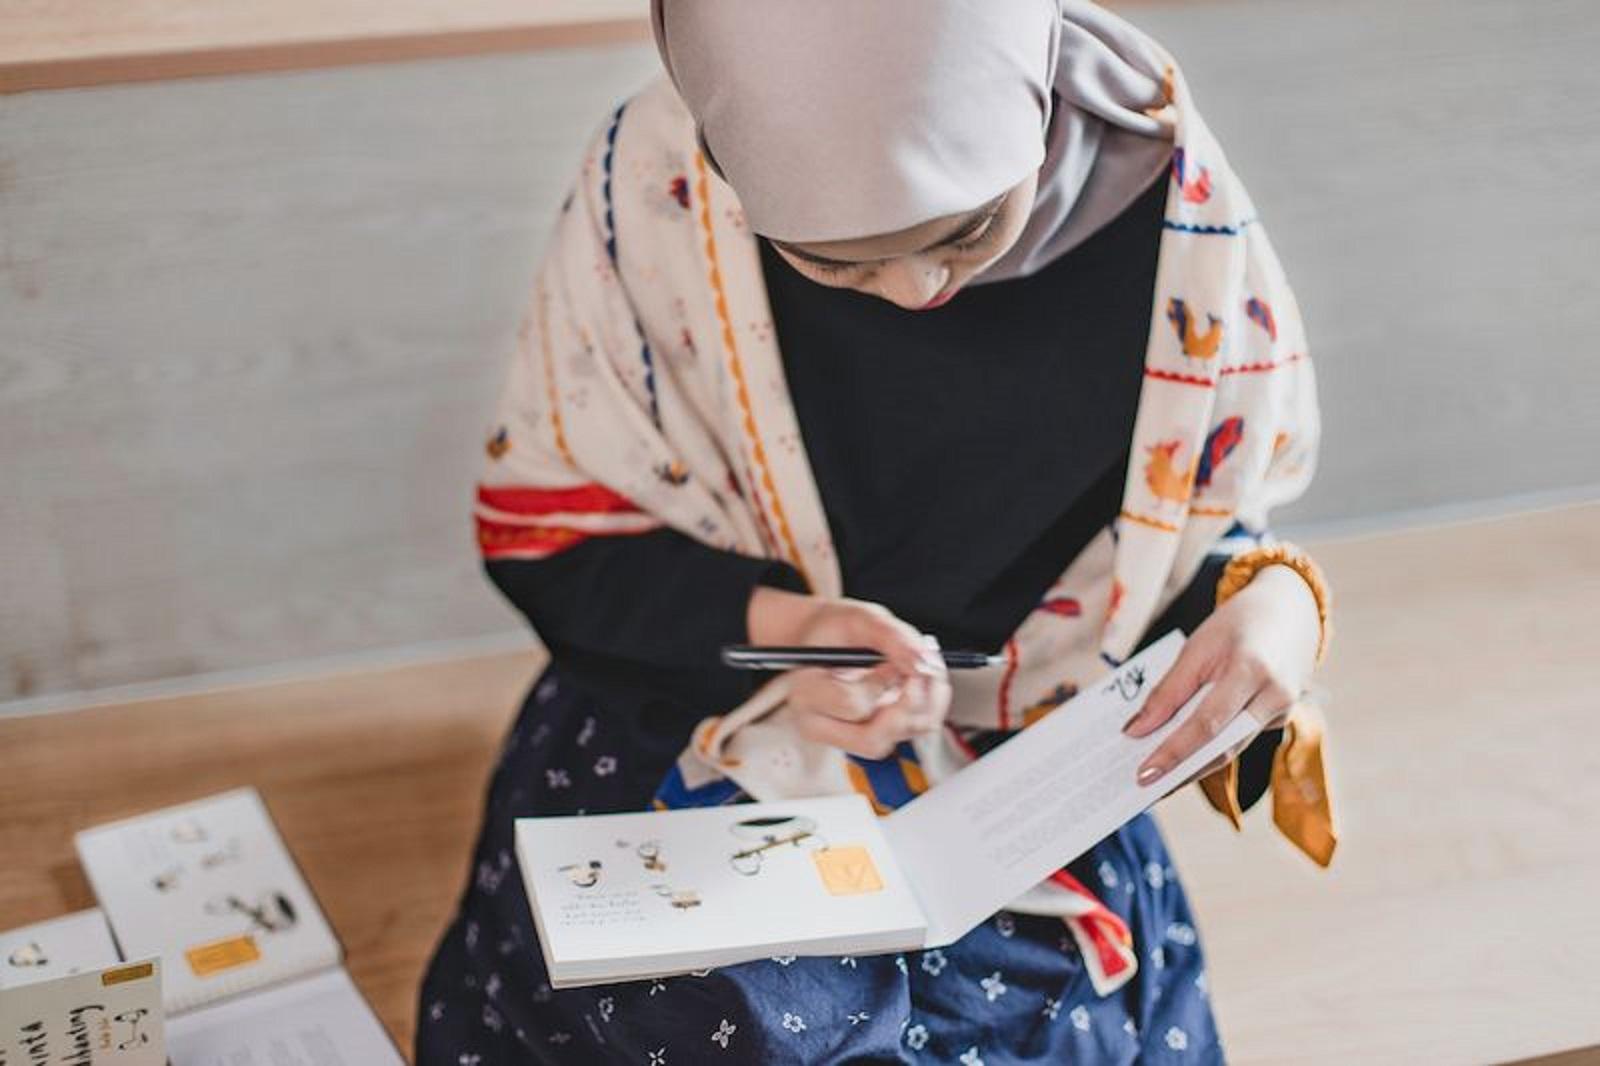 Tsana dan bukunya | Foto: Gramedia.com